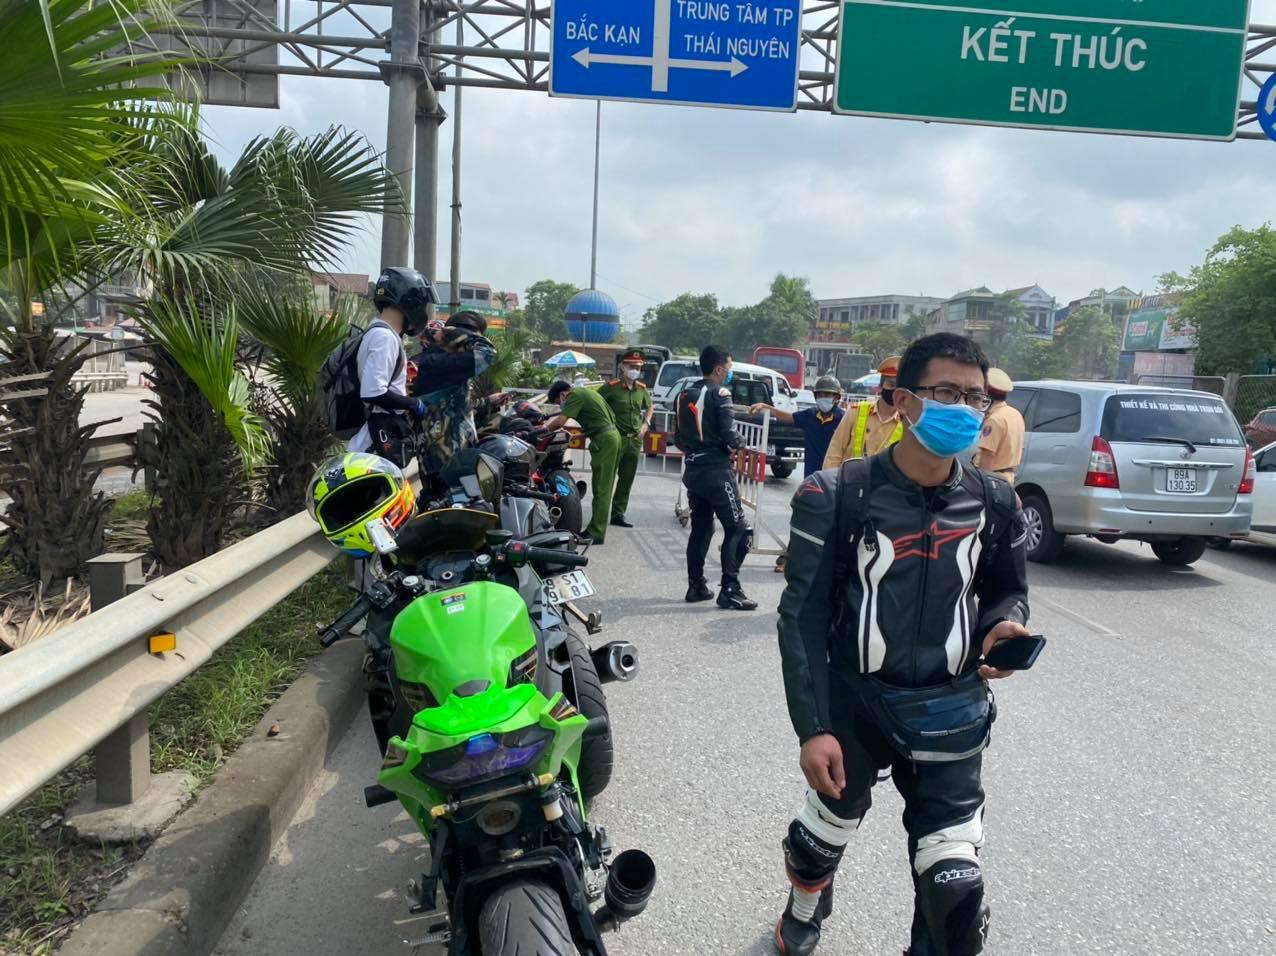 CSGT bắt giữ 9 xe phân khối lớn đi vào cao tốc Hà Nội – Thái Nguyên - hình ảnh 1